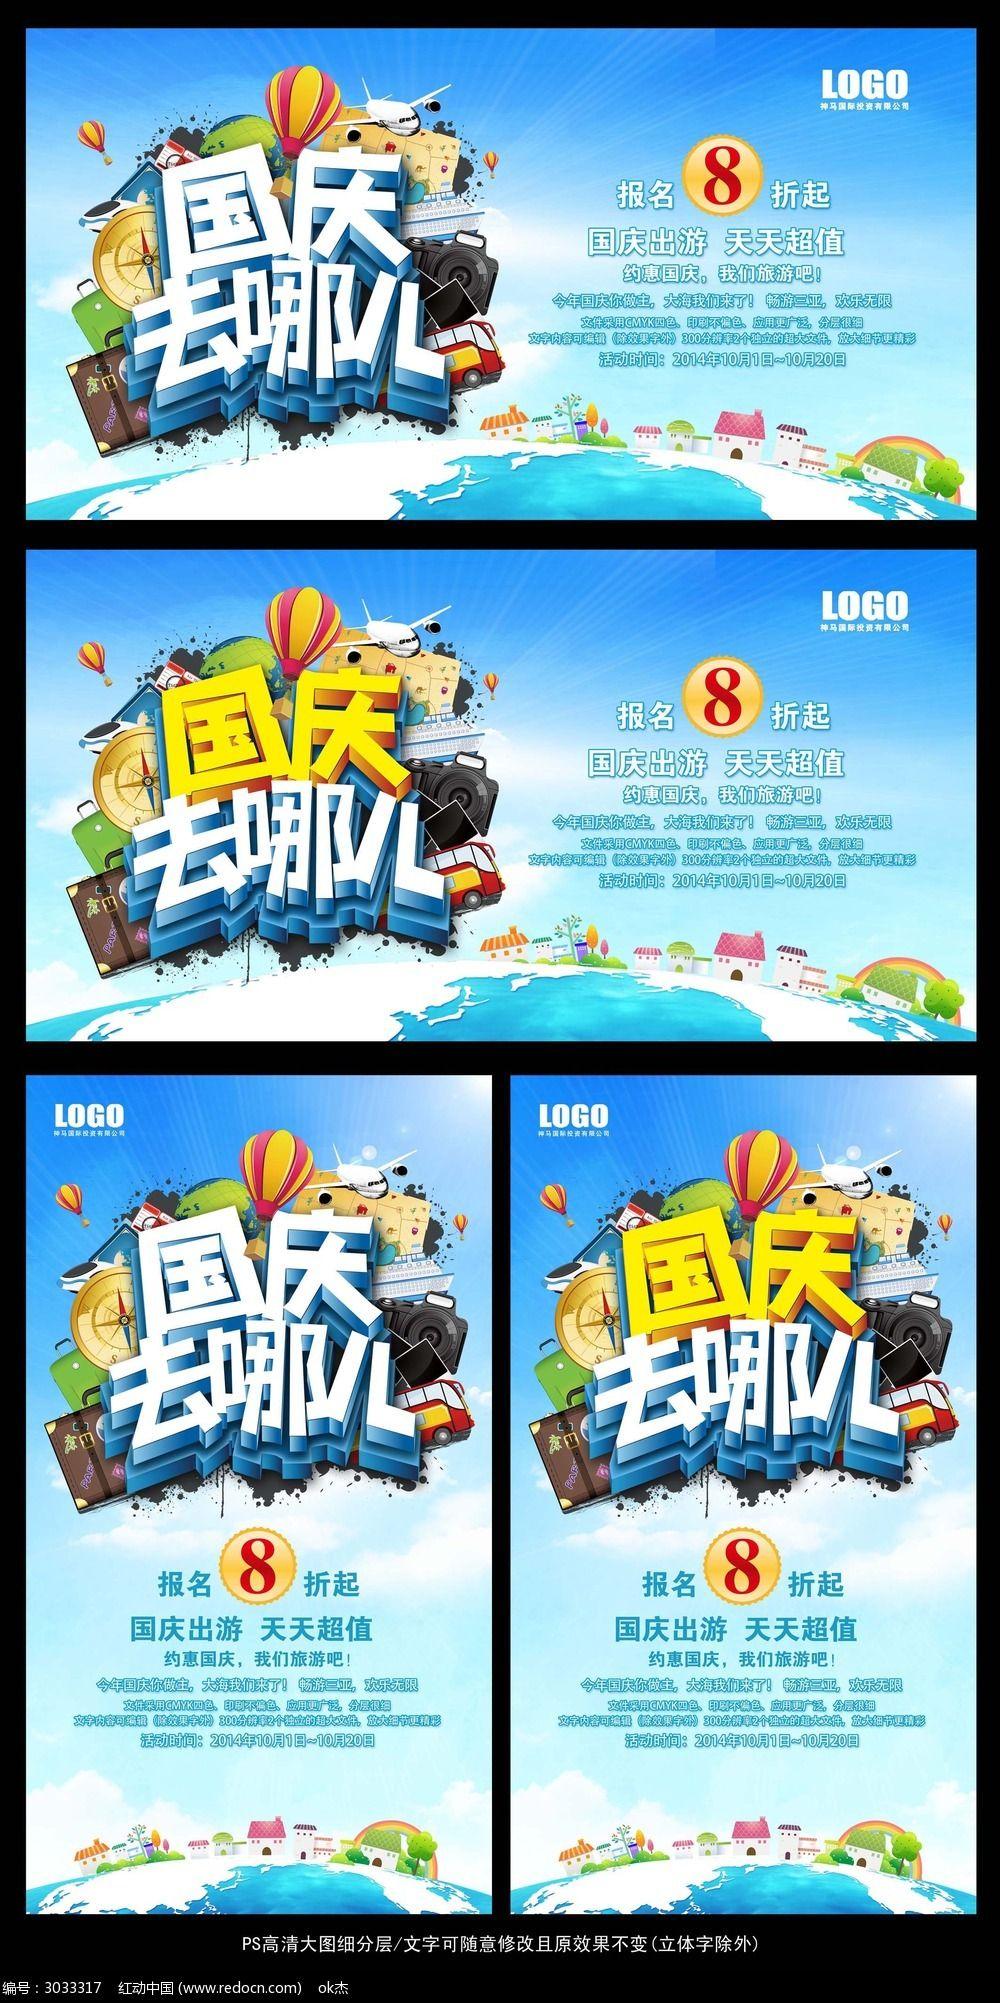 国庆旅游宣传海报_节日素材图片素材